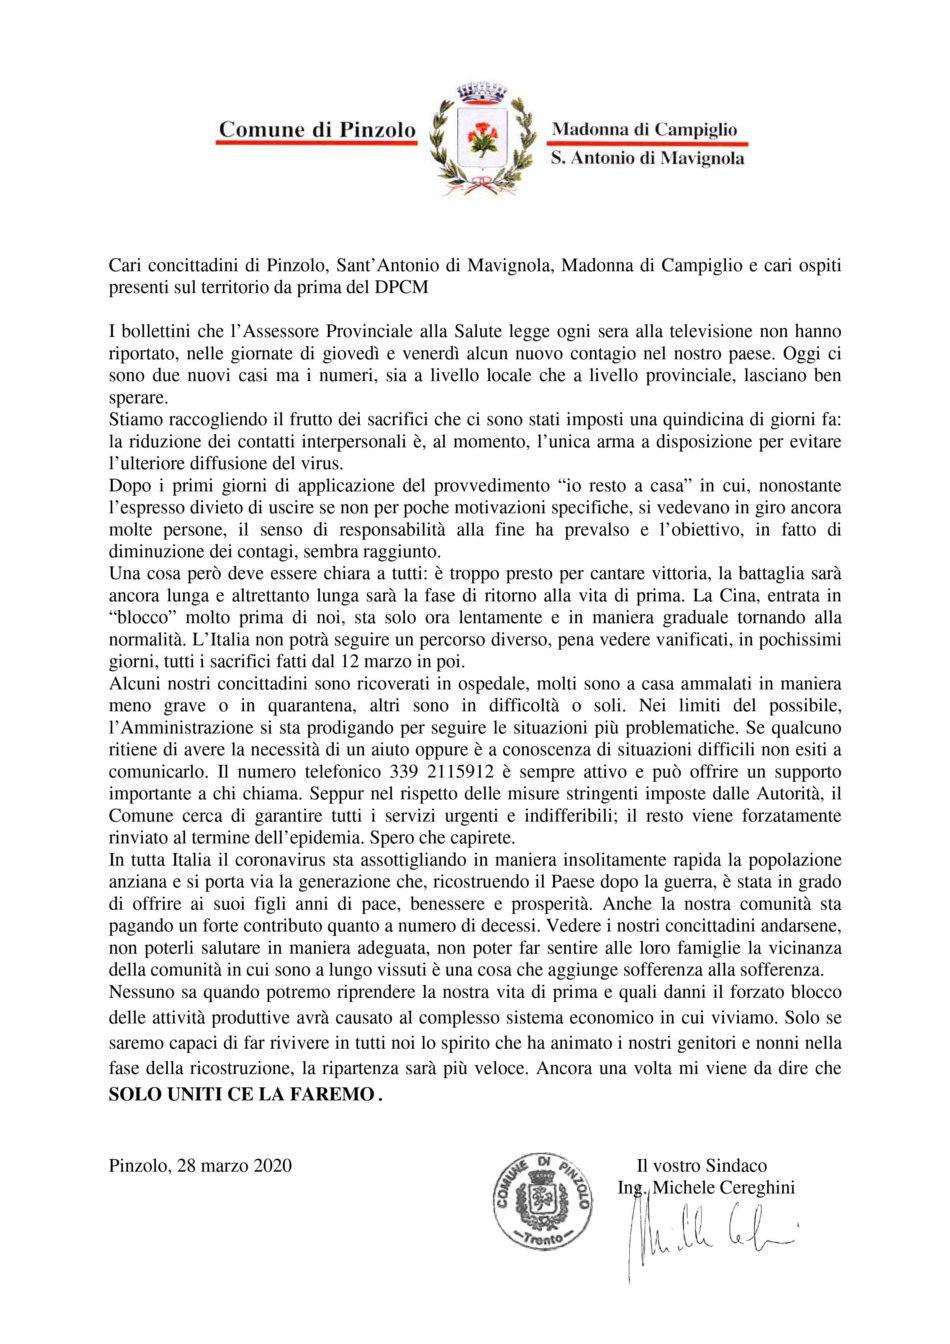 Cari concittadini di Pinzolo, Sant'Antonio di Mavignola, Madonna di Campiglio e cari ospiti presenti sul territorio da prima del DPCM